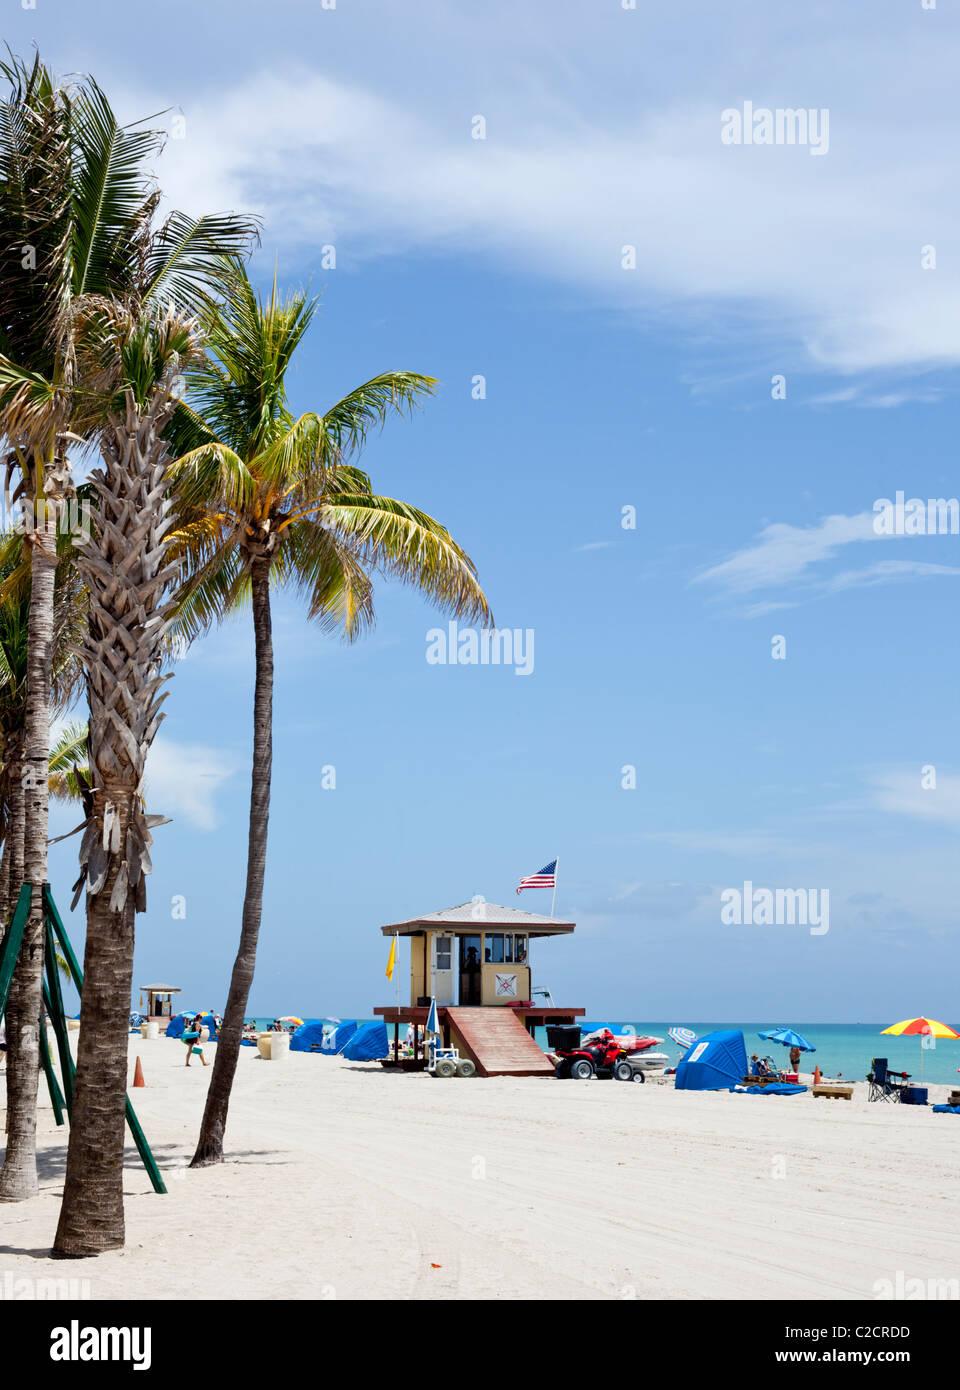 lifeguard watchtower, Miami Beach, Florida, USA. - Stock Image